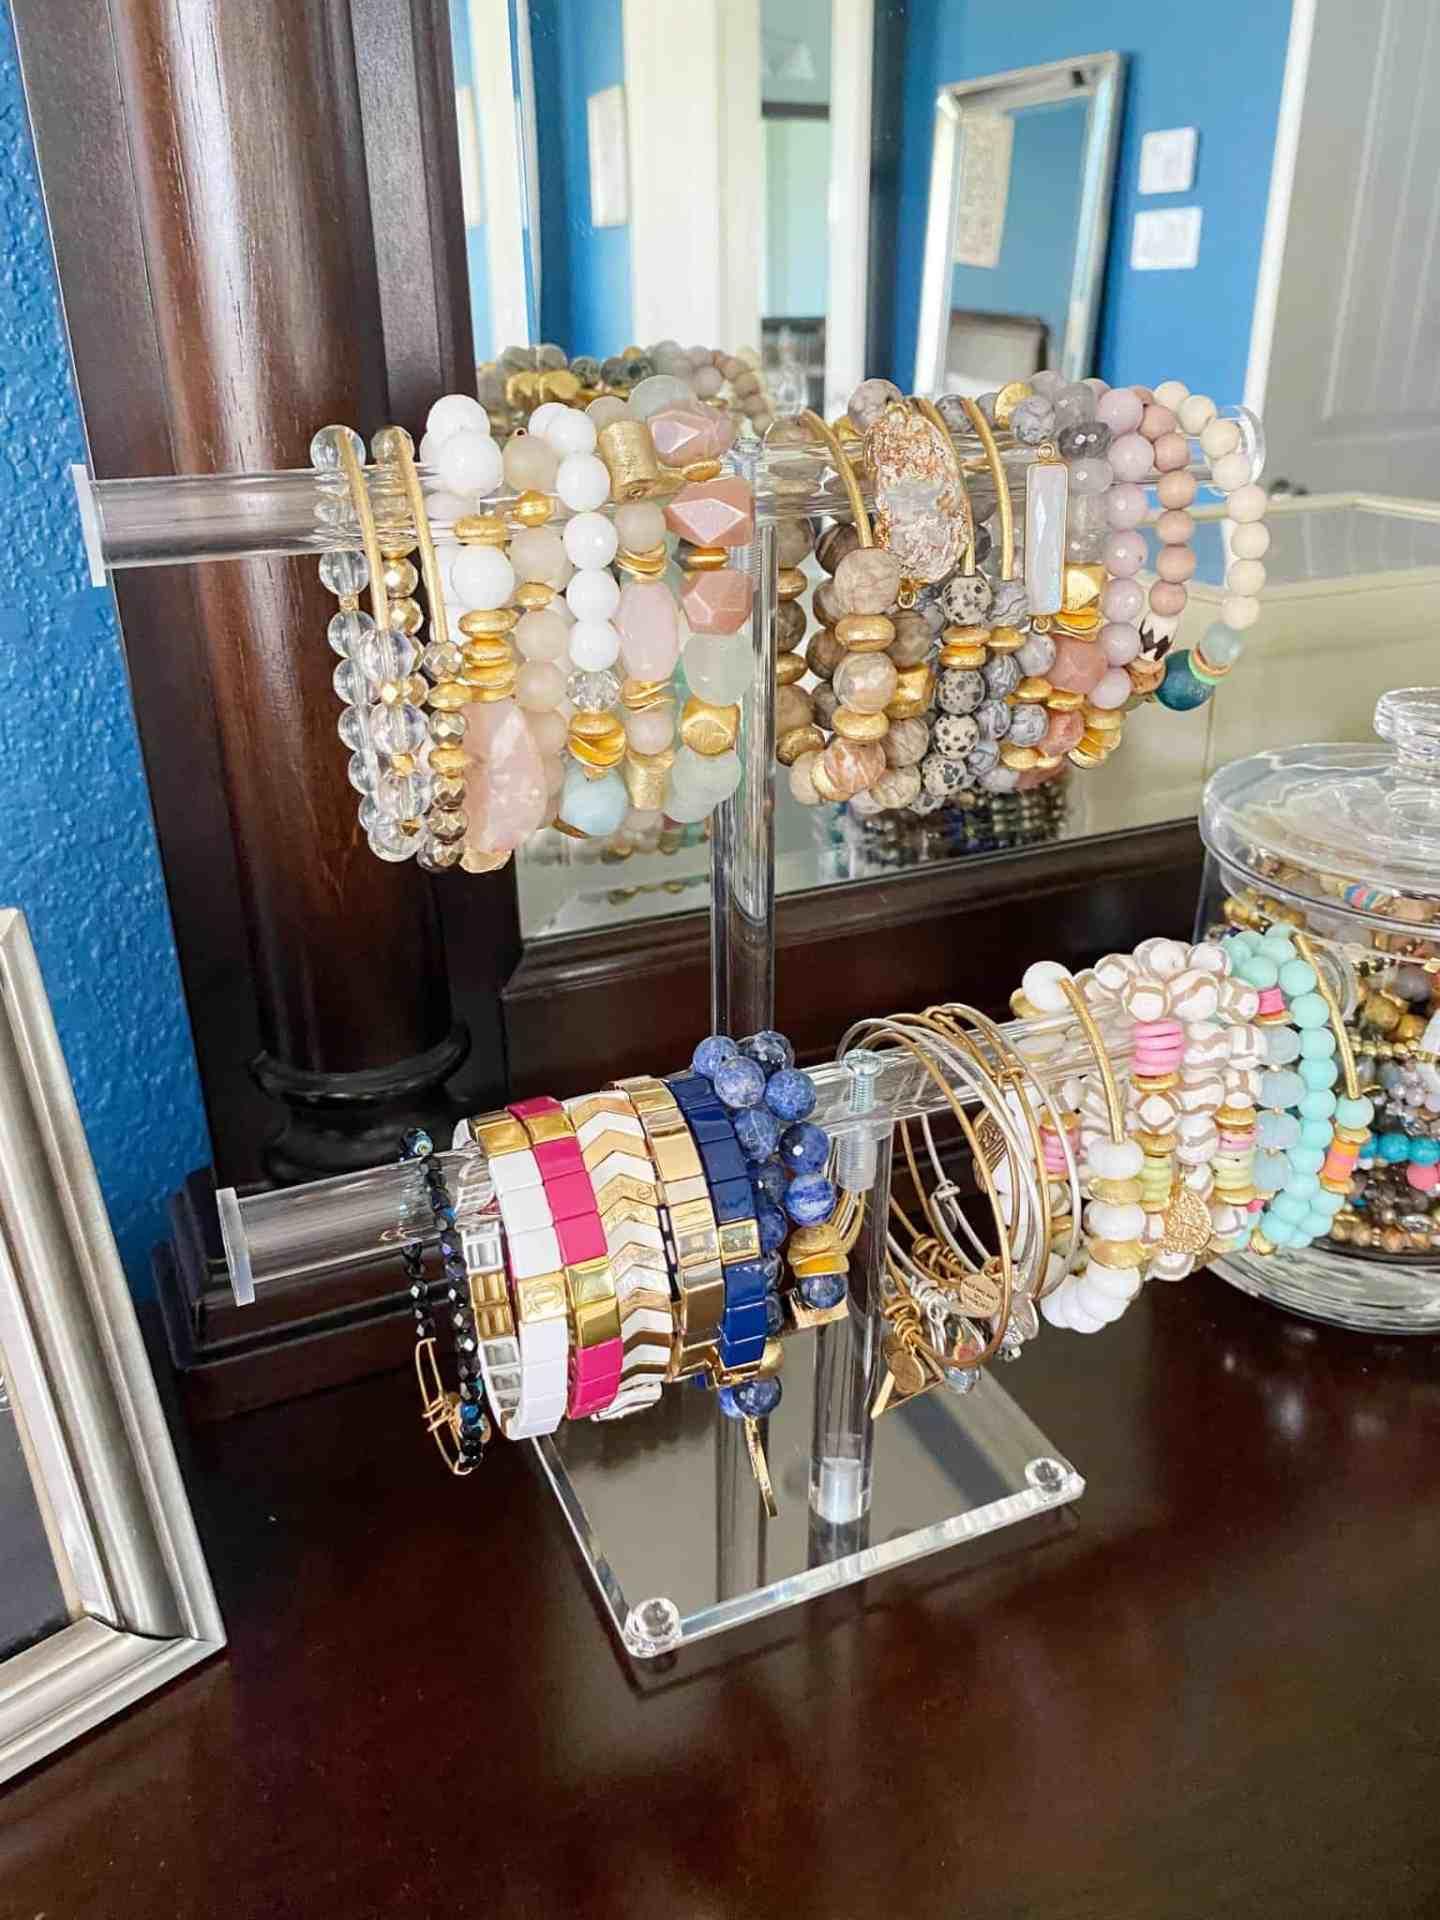 Acrylic-2-Tier-Jewelry-Organizer